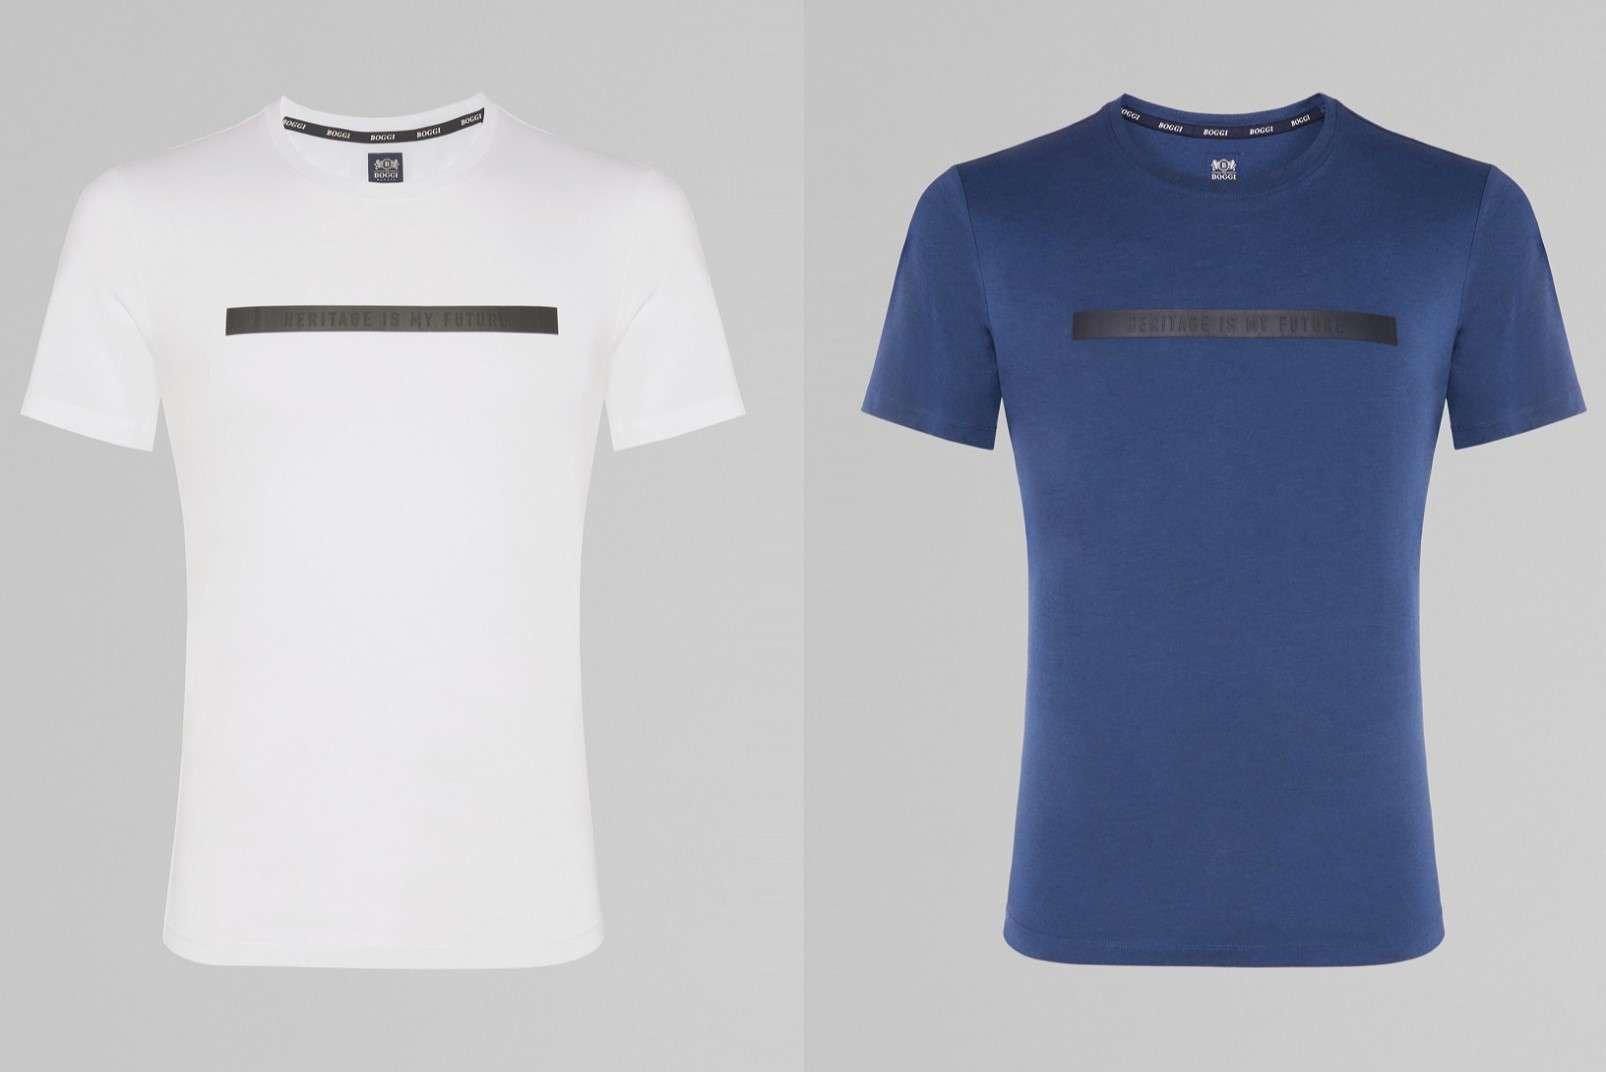 Cotton-tencel blend T-shirts, white BO19P001101 and blue BO19P001102